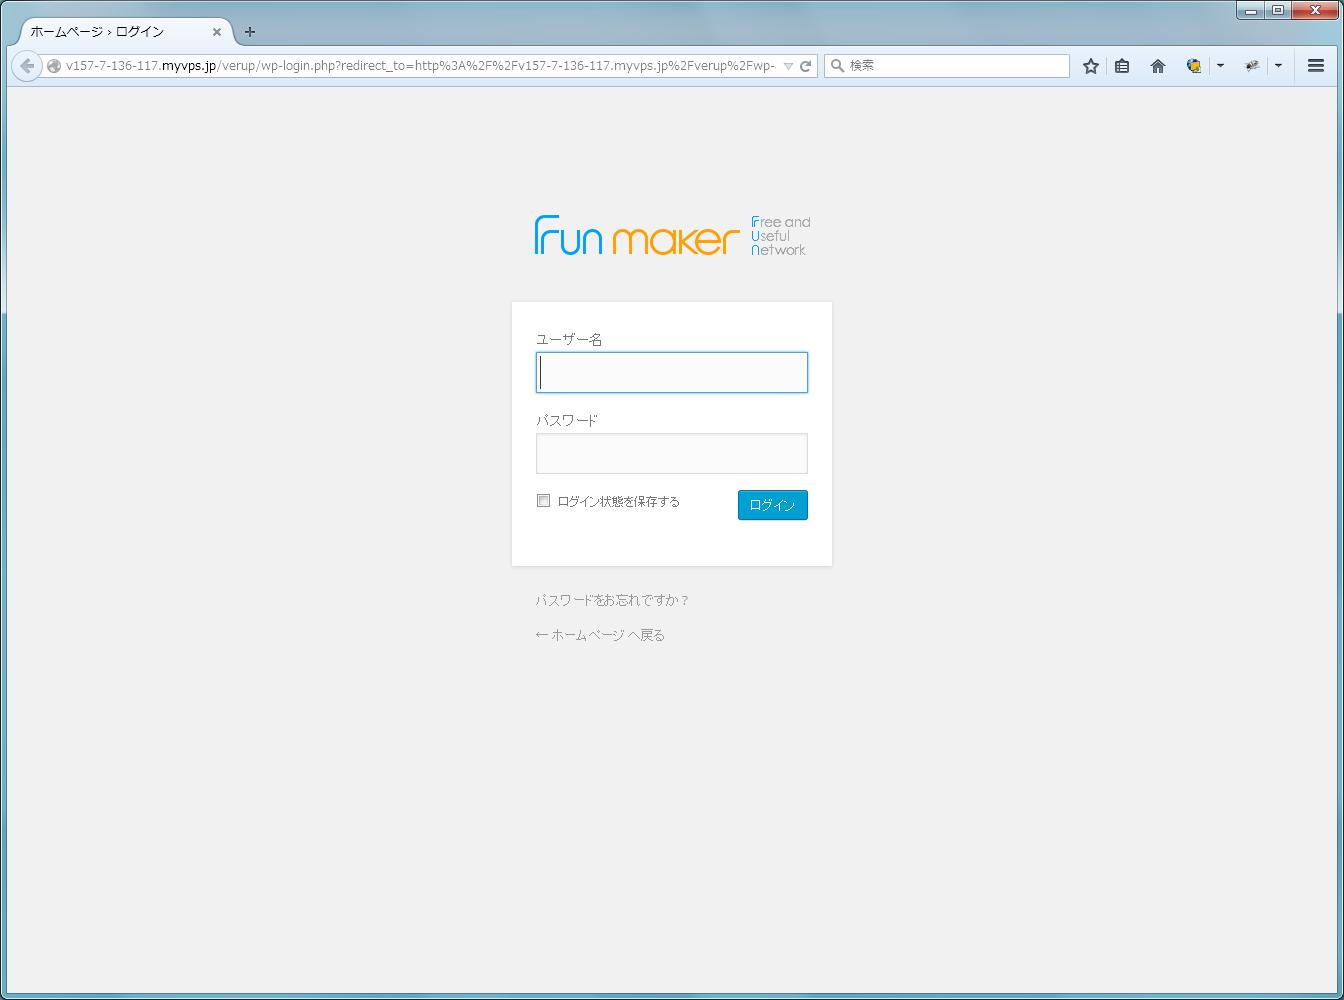 ブラウザのアドレスバー | 初期費用無料ホームページ作成サイト - FunMaker